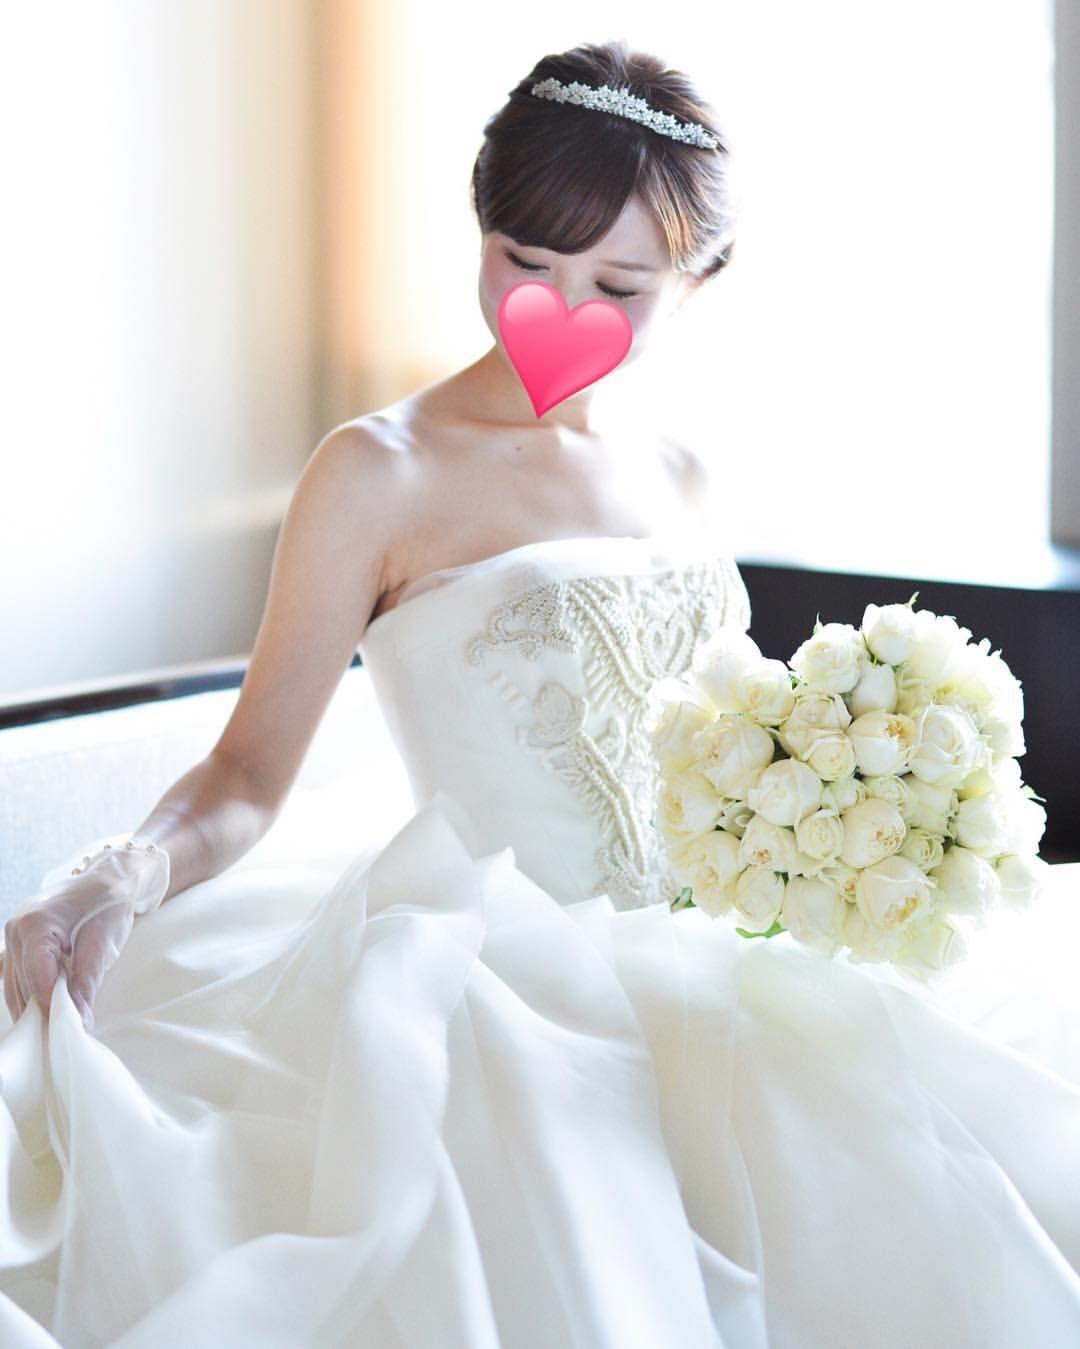 リッツのチャペル にて 結婚式から8ヶ月たちました いまだに手をつけていないリッツのアルバムのレイアウト 年内には終わらせたいです Weddingdress Weddingparty Weddi Wedding Dresses Dresses Strapless Wedding Dress